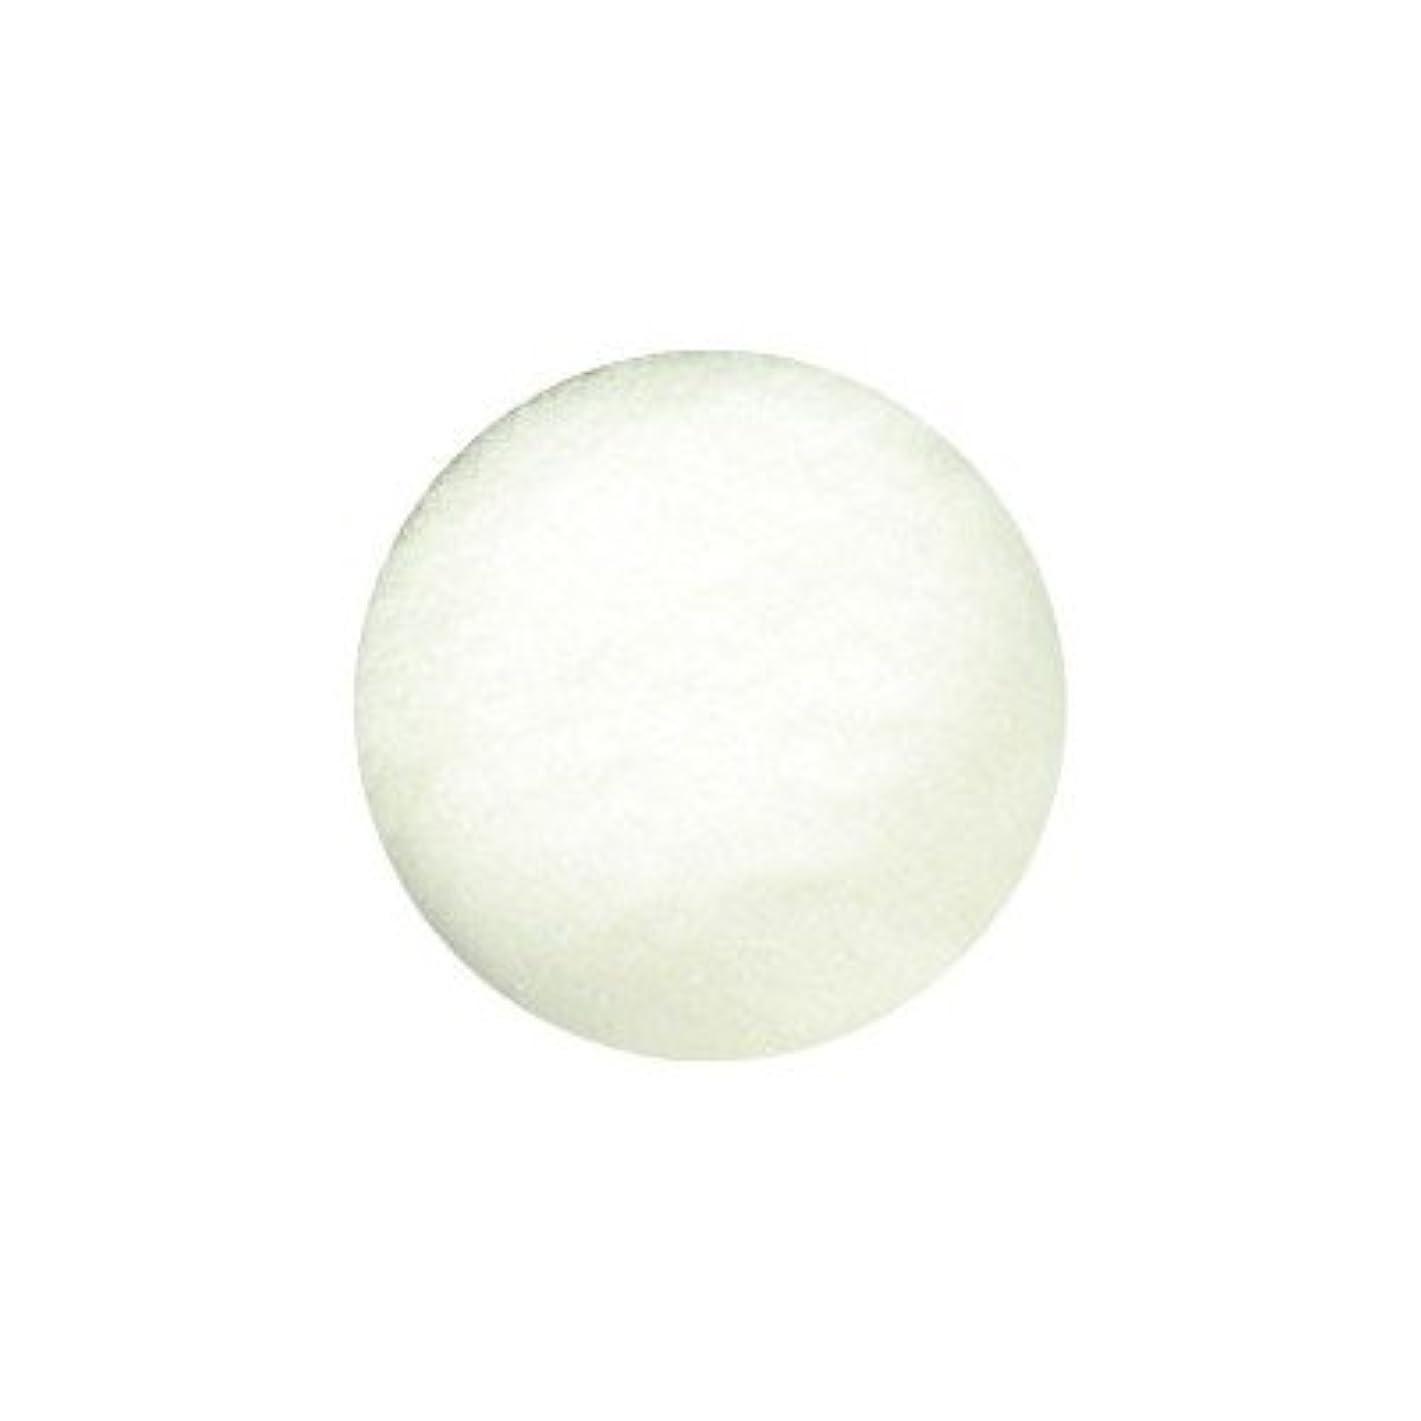 レモン拷問リフトB.N クリスタリーナ ジュエルグリッター オーロライエロー 100ミクロン CRN-7